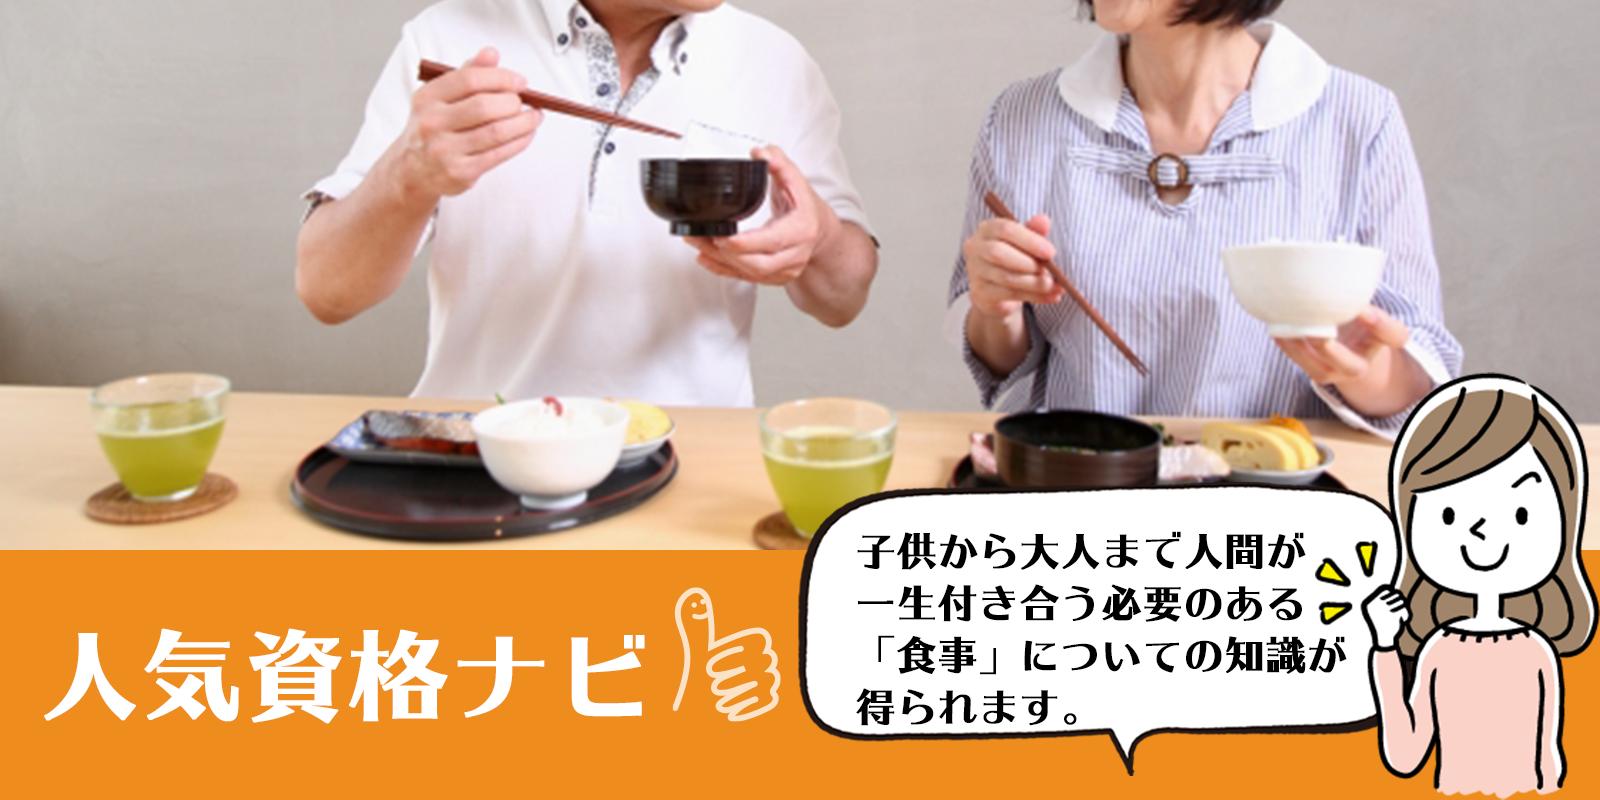 食育資格のアイキャッチ画像